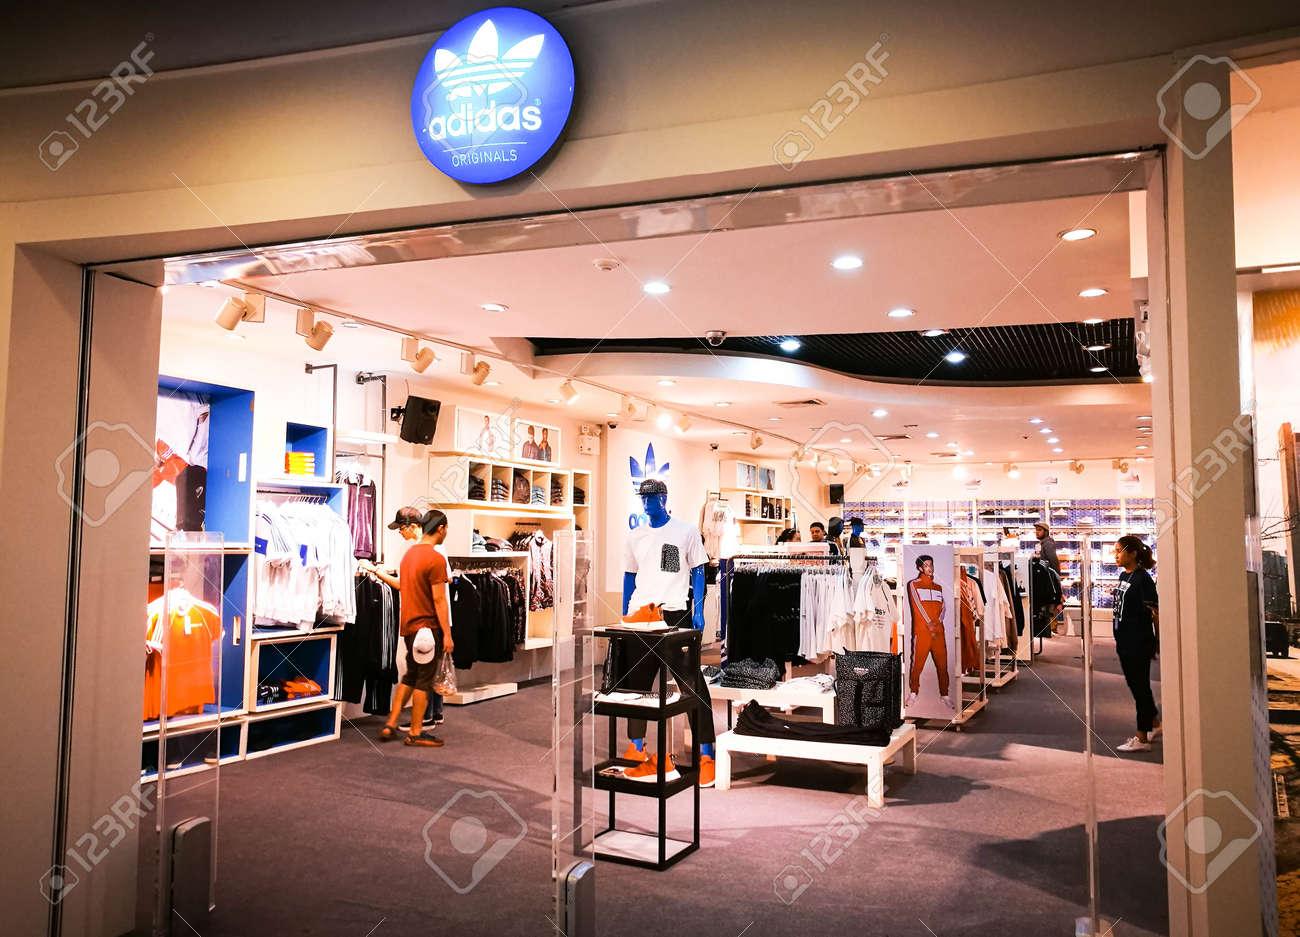 Adidas Originals Shop Photos | Photos of the Adidas Original